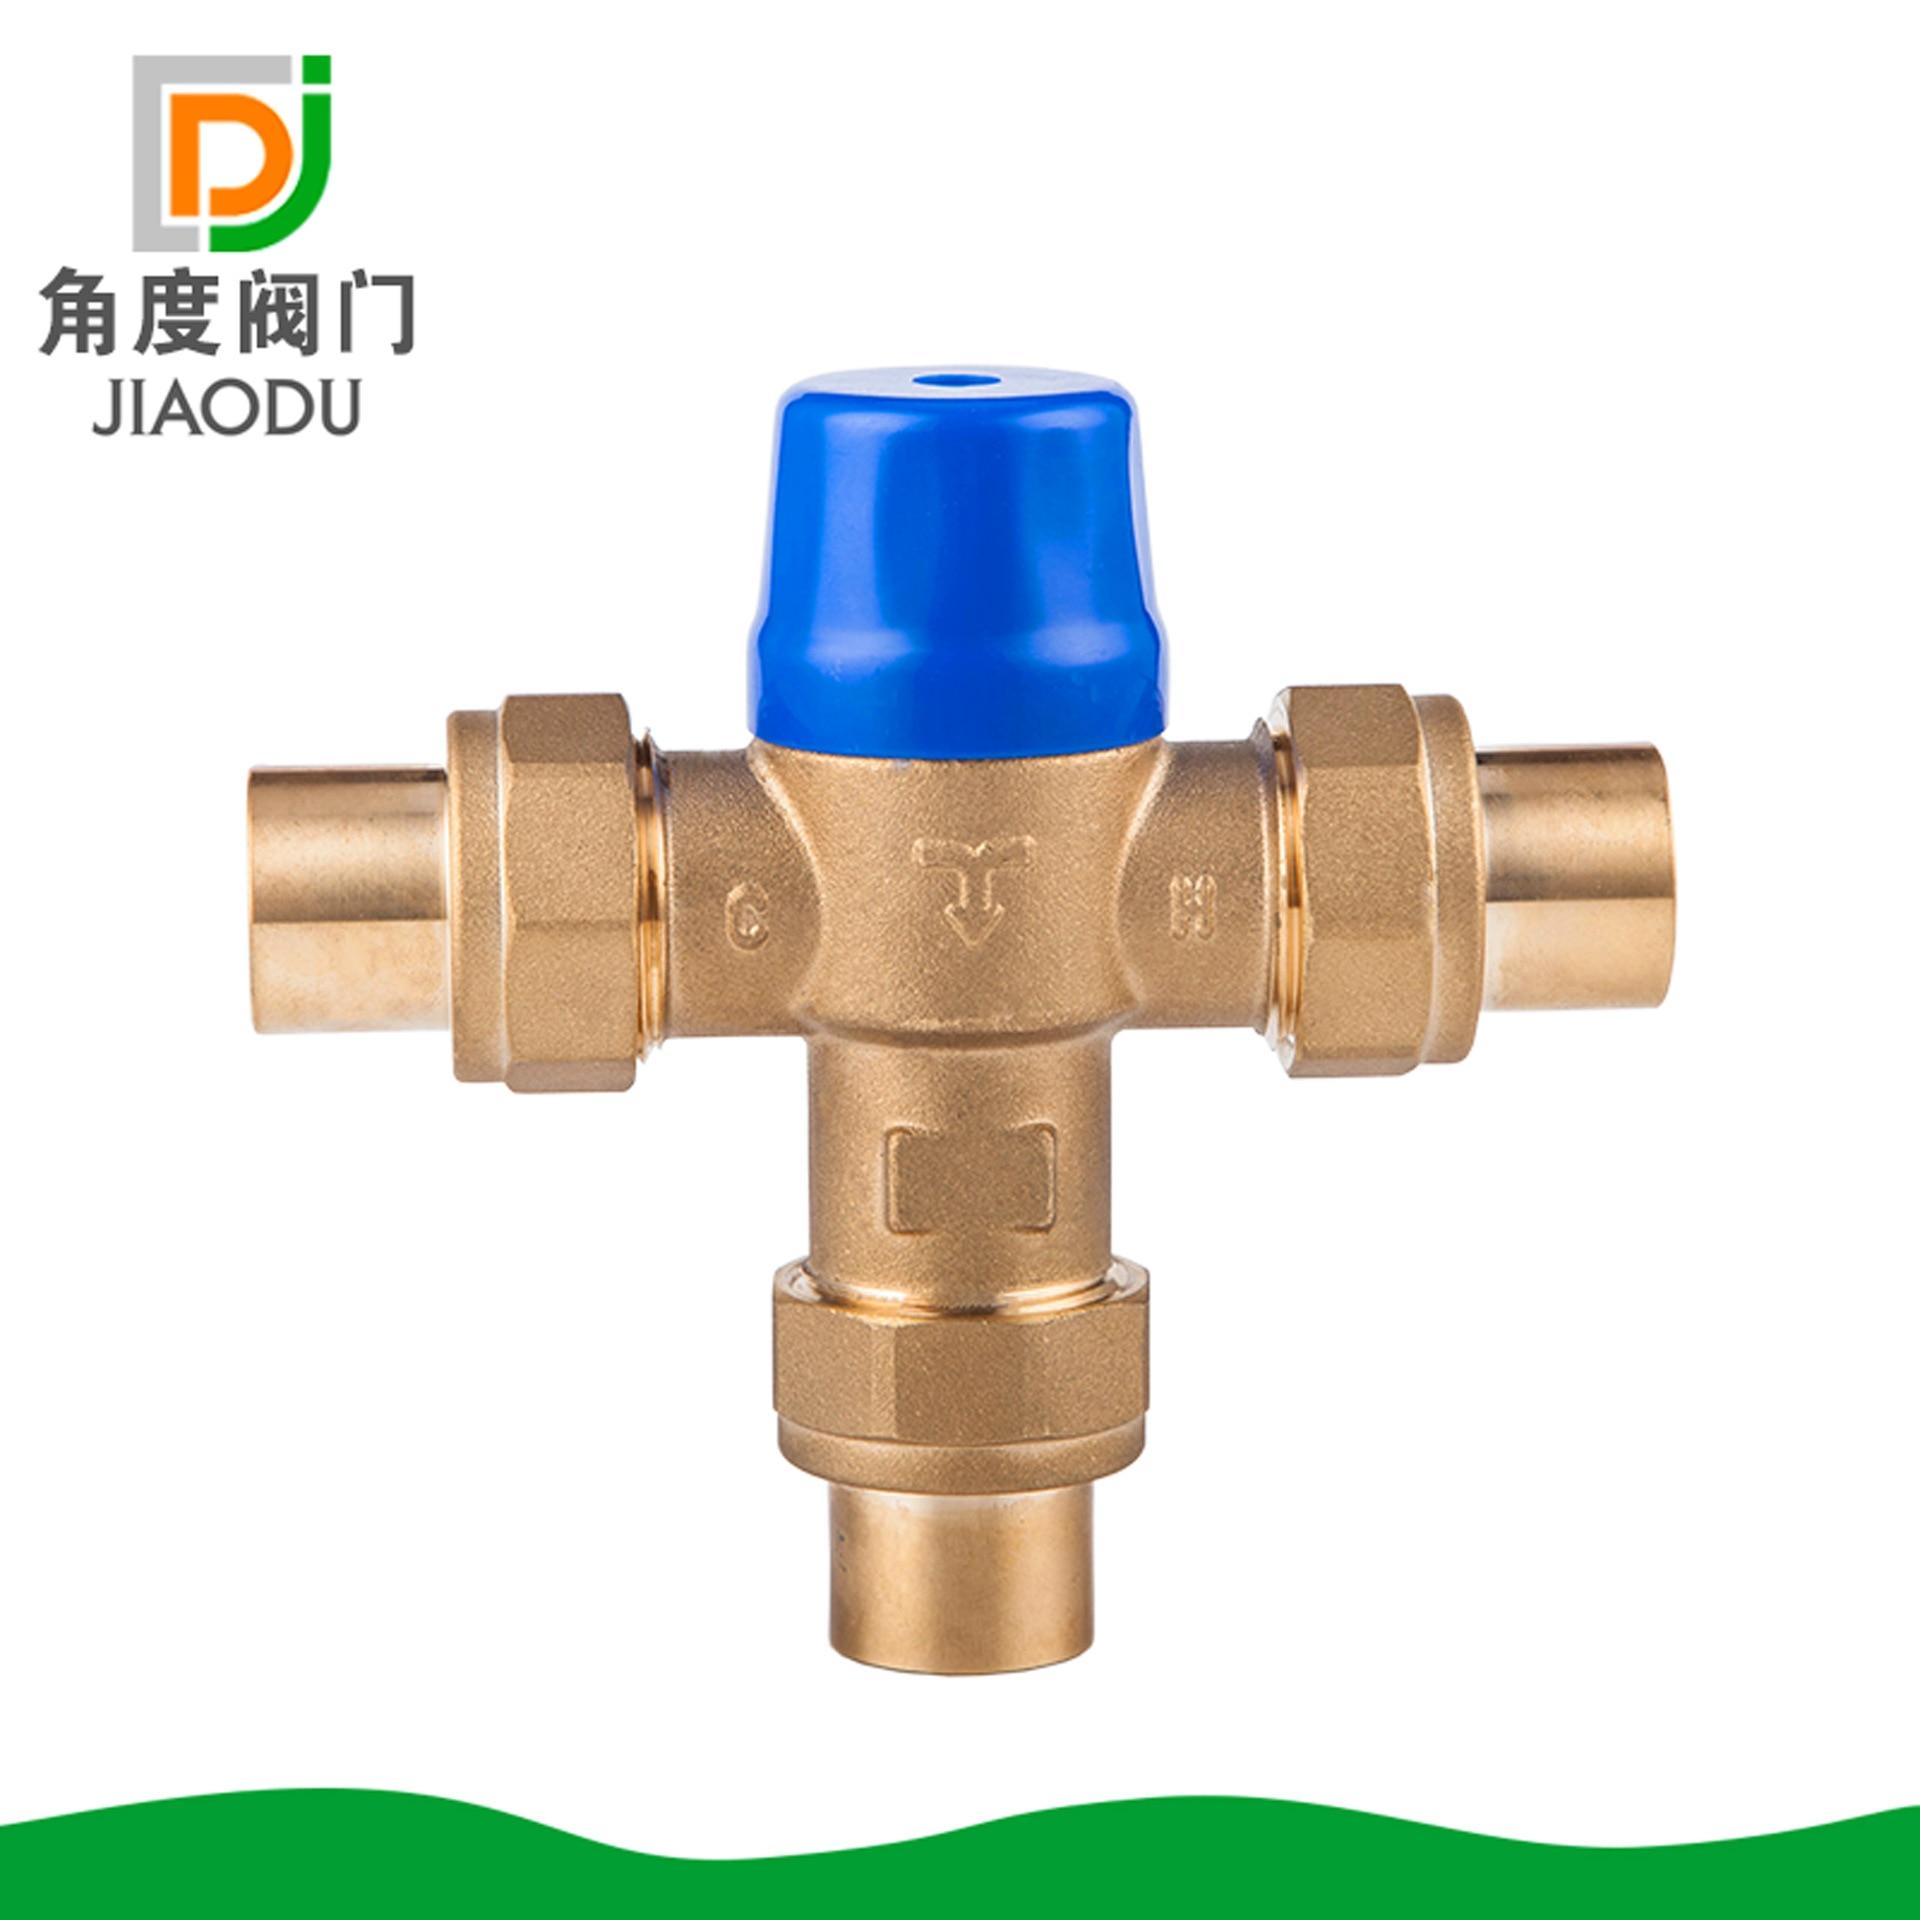 Contrôle de température en laiton gratuit soudage vanne de mélange de température constante-vanne mixte d'eau chaude et froide sans eau